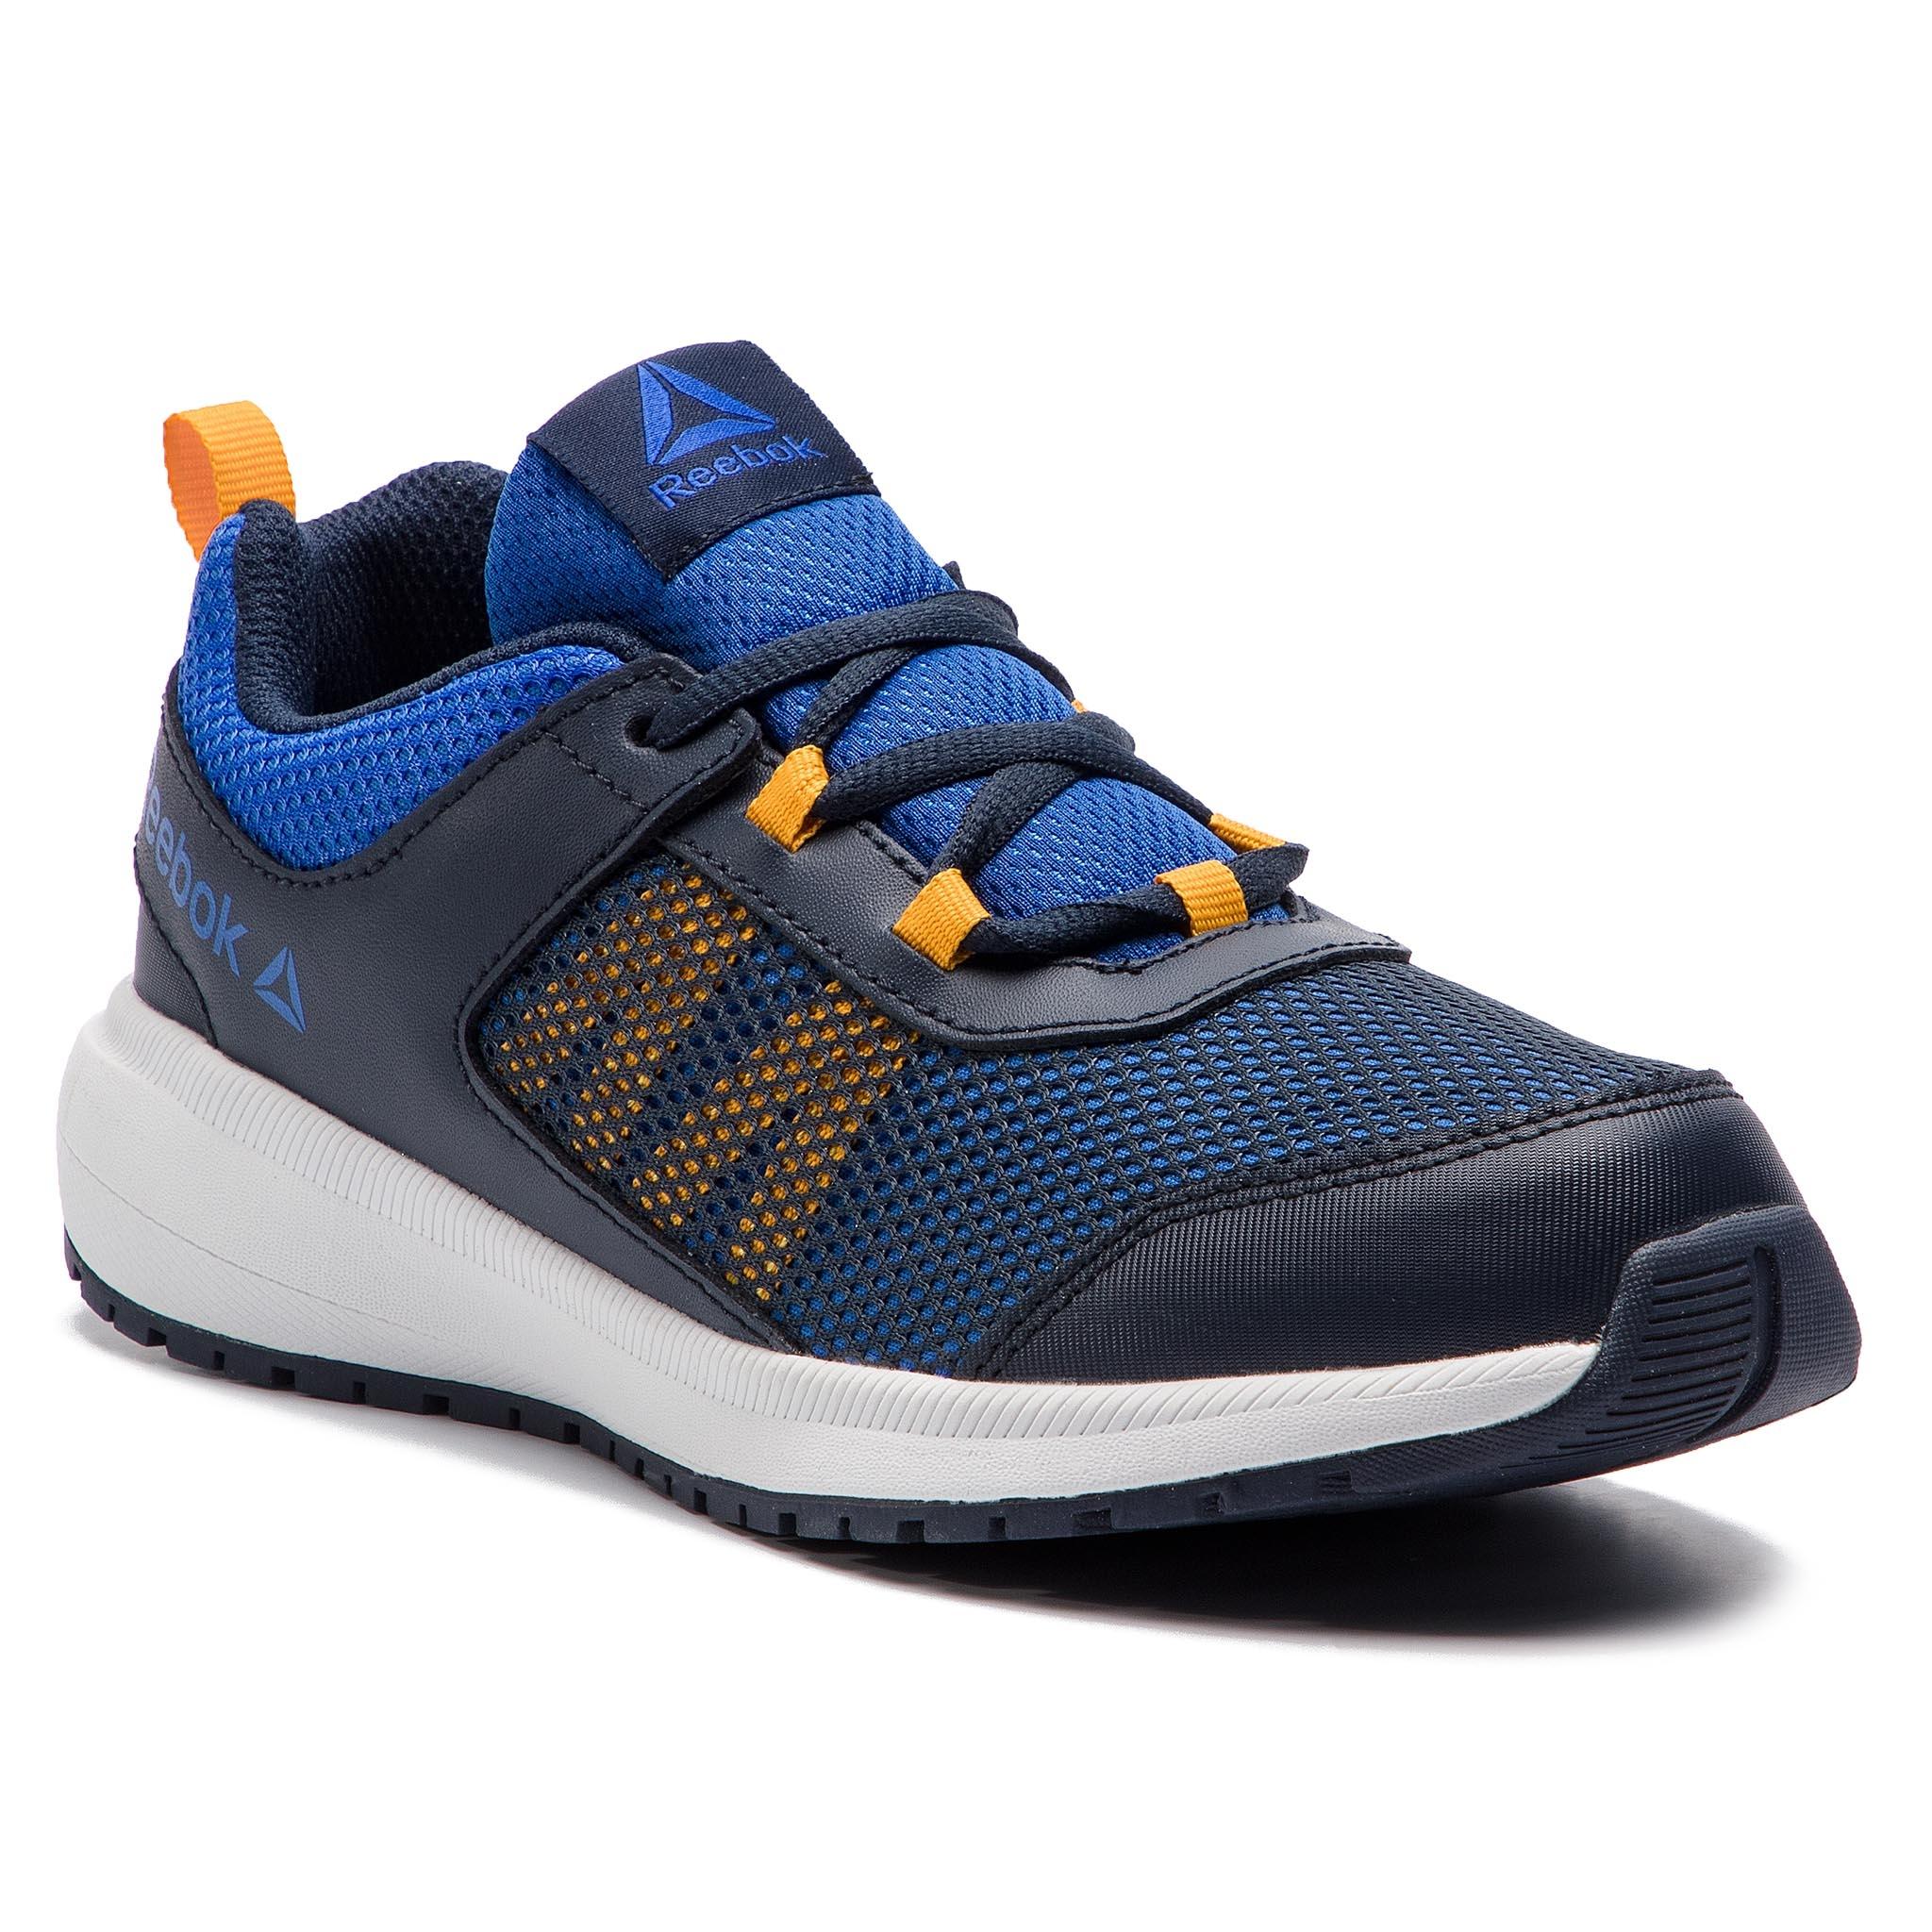 Pantofi Reebok - Road Supreme CN8569 Navy Cobalt Gold. Nou Pantofi Reebok  ... 86d53a9df2e